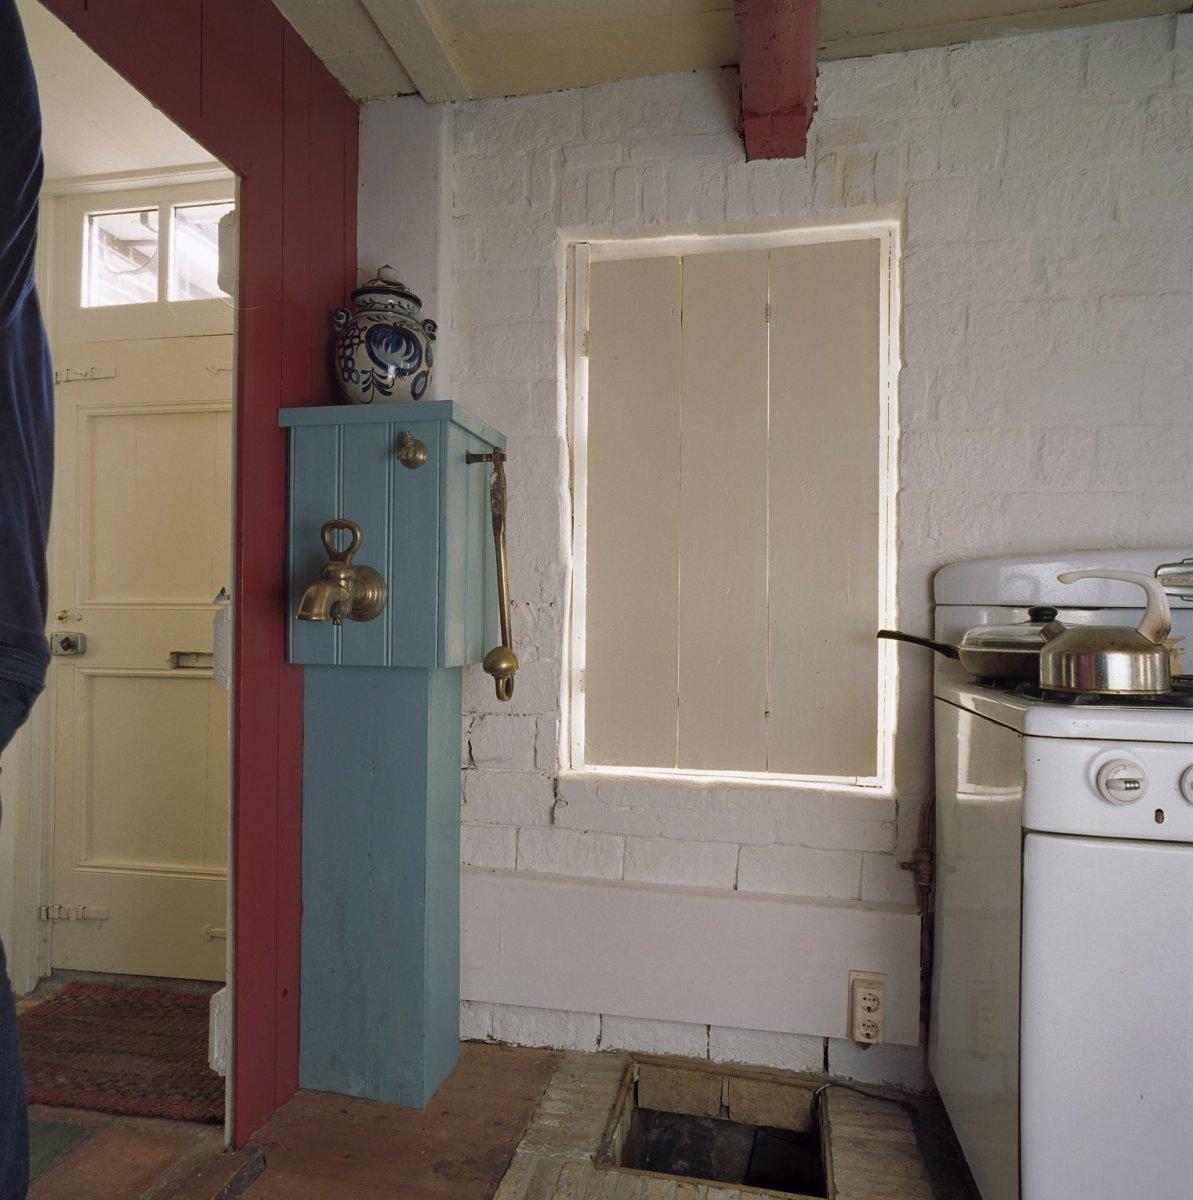 File interieur waterkelder met pomp in de keuken for Interieur keuken